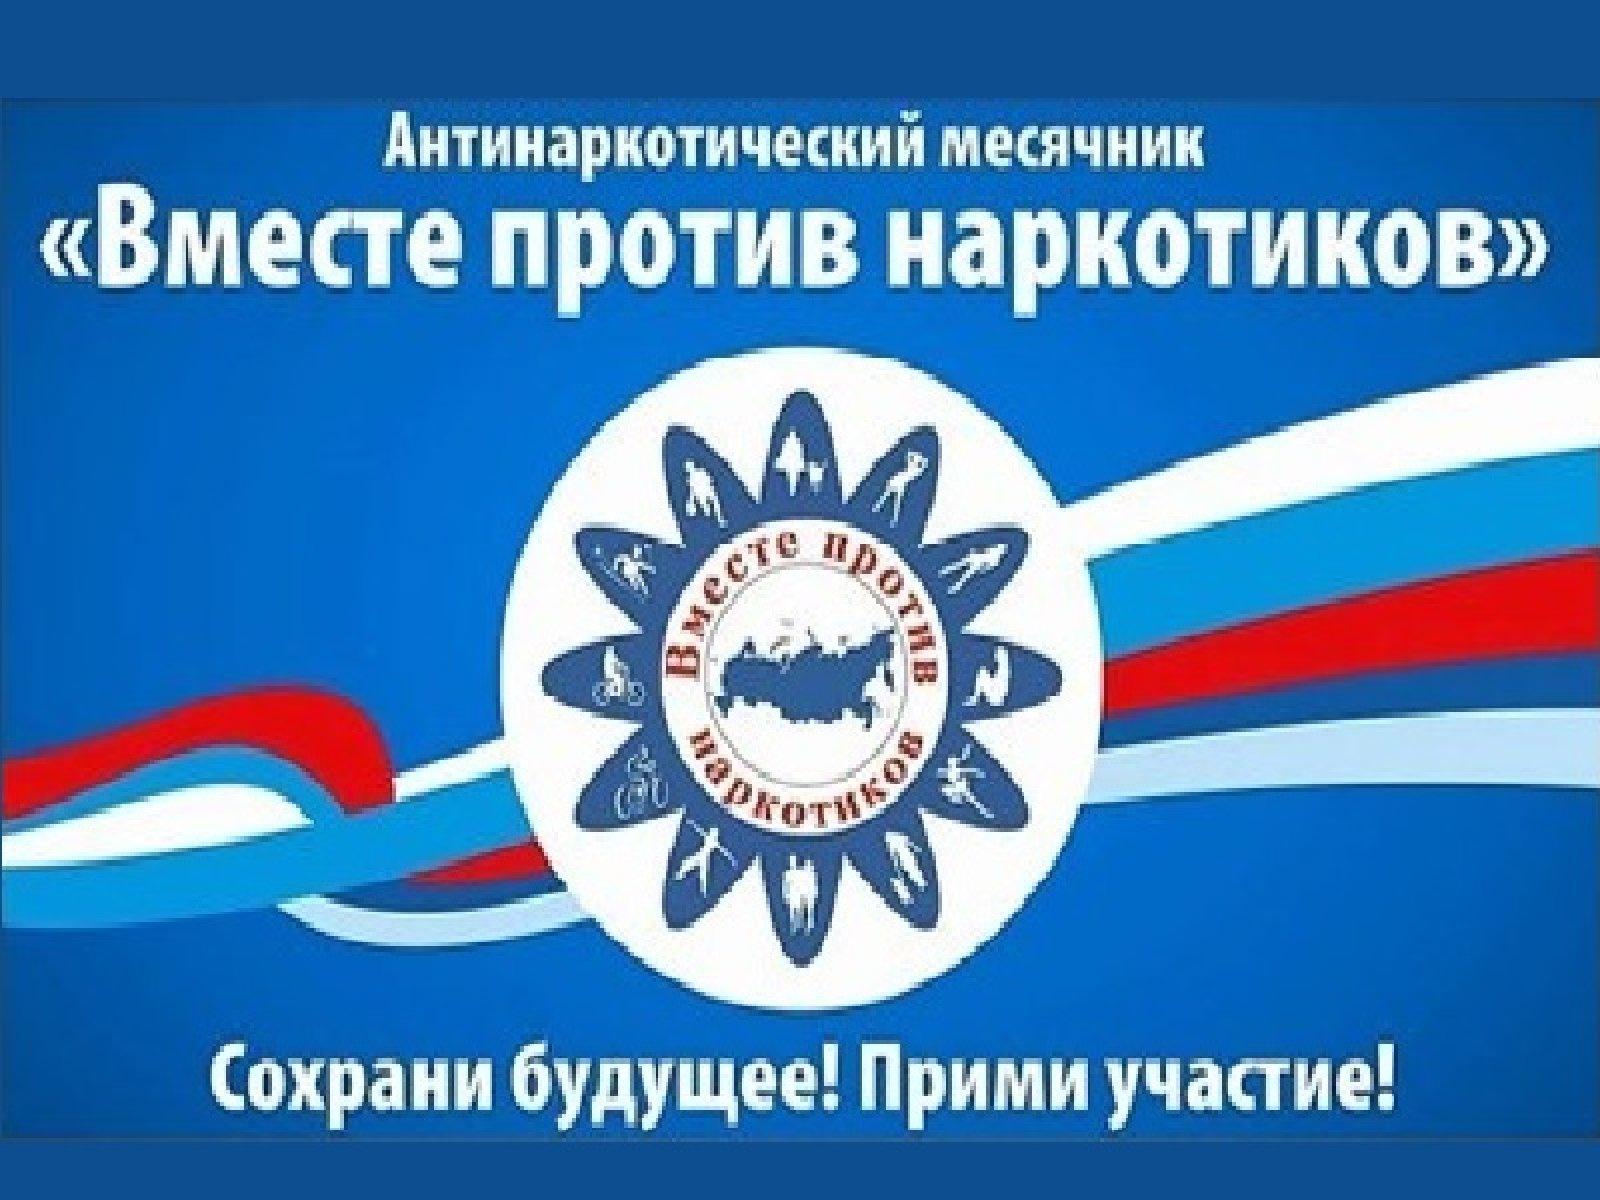 В Свердловской области проходит Всероссийский месячник антинаркотической направленности